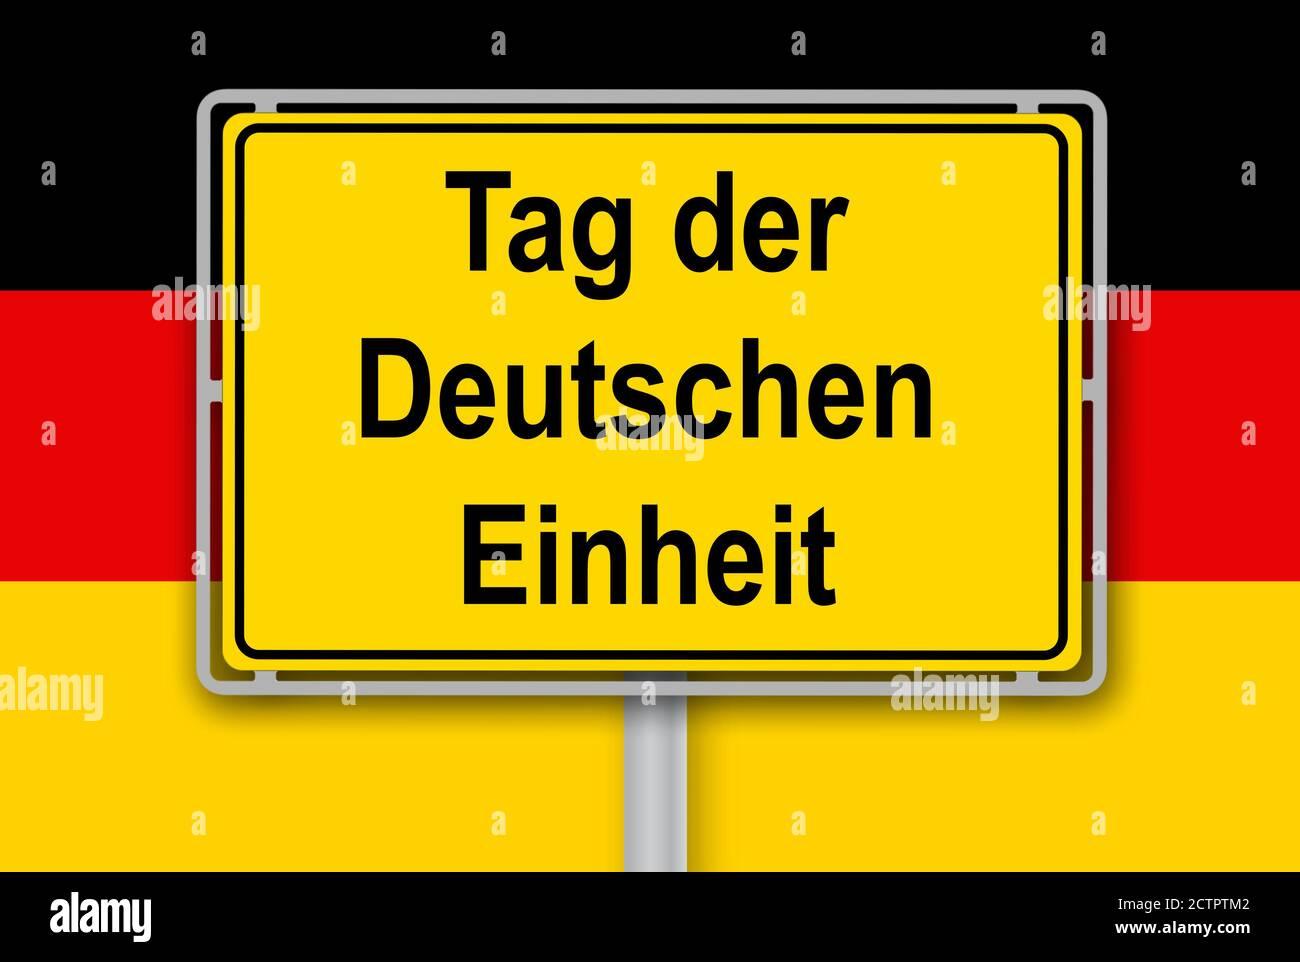 Tag der Deutschen Einheit German Unity Day Stock Photo